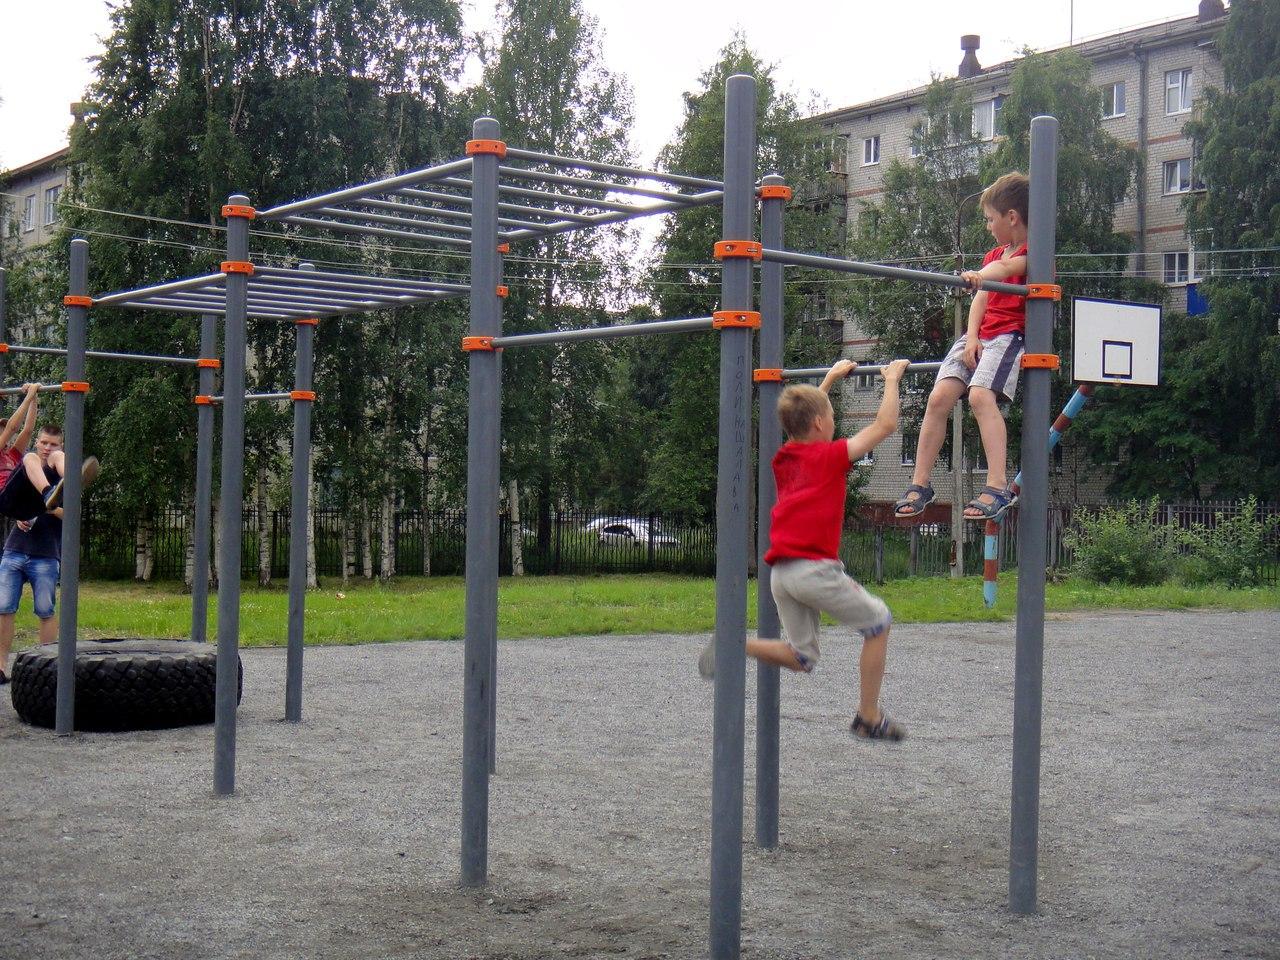 спорт снаряды дети лето новодвинск брусья перекладина